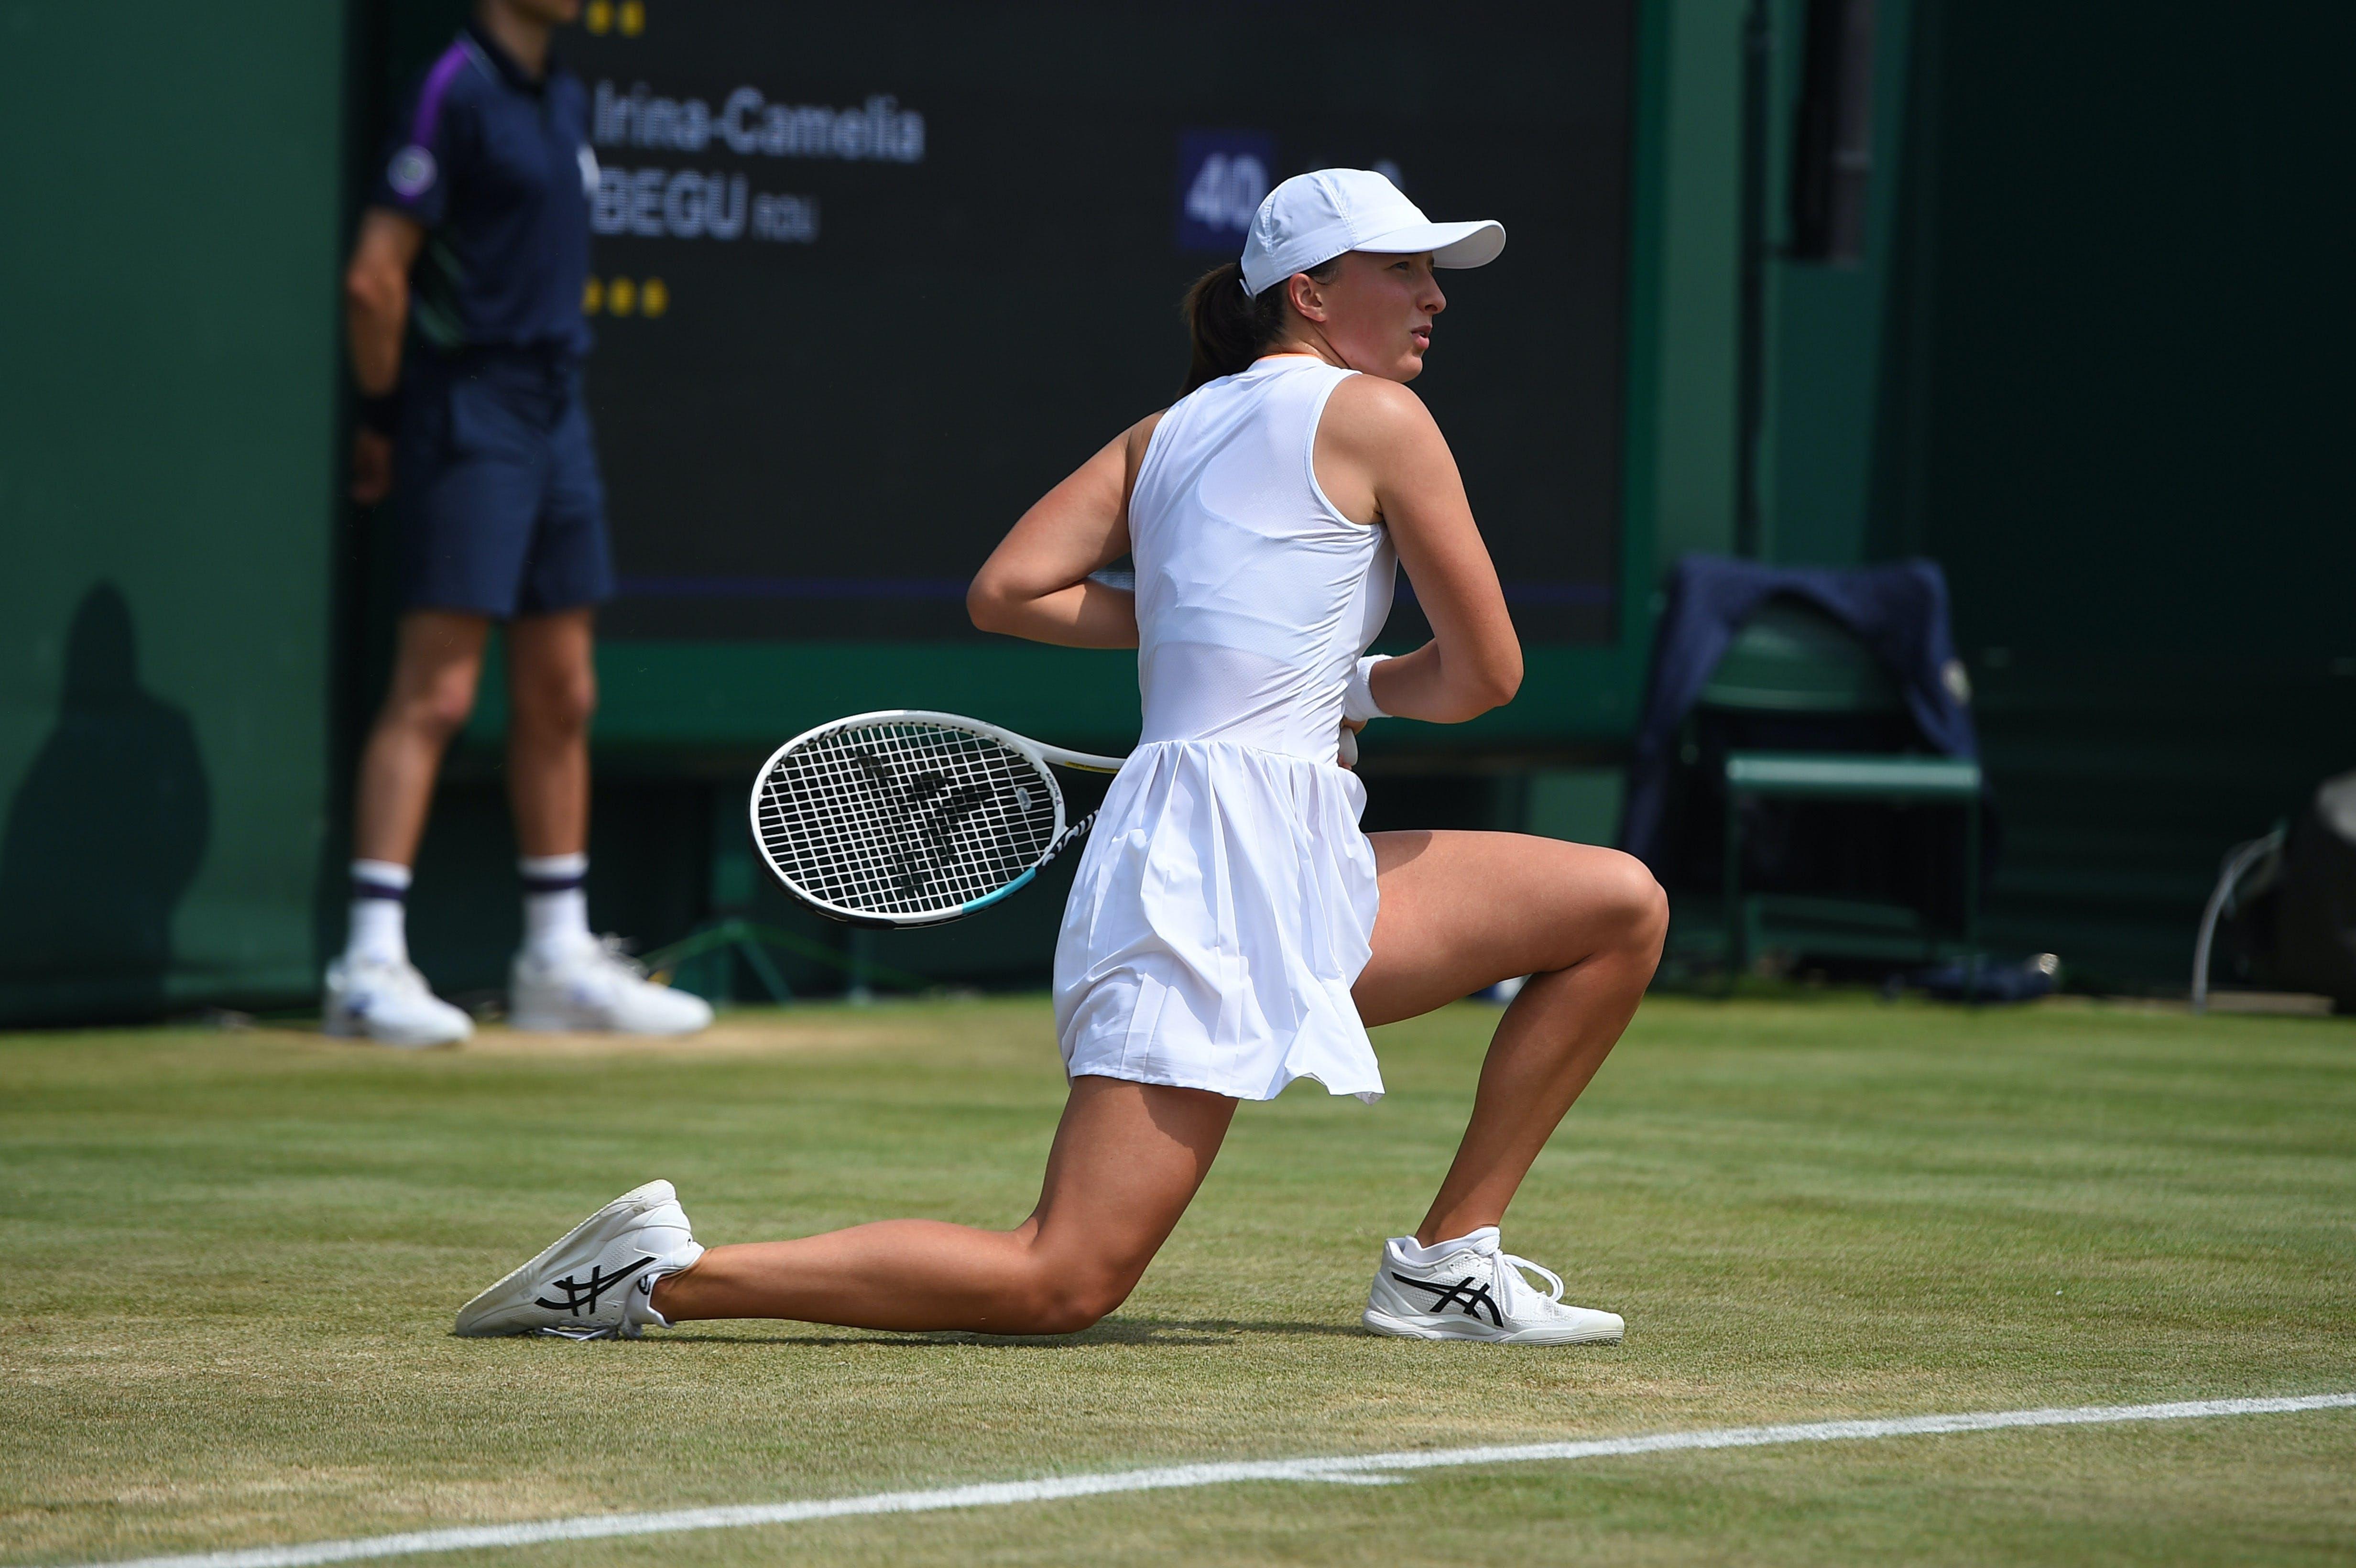 Iga Swiatek Wimbledon 2021